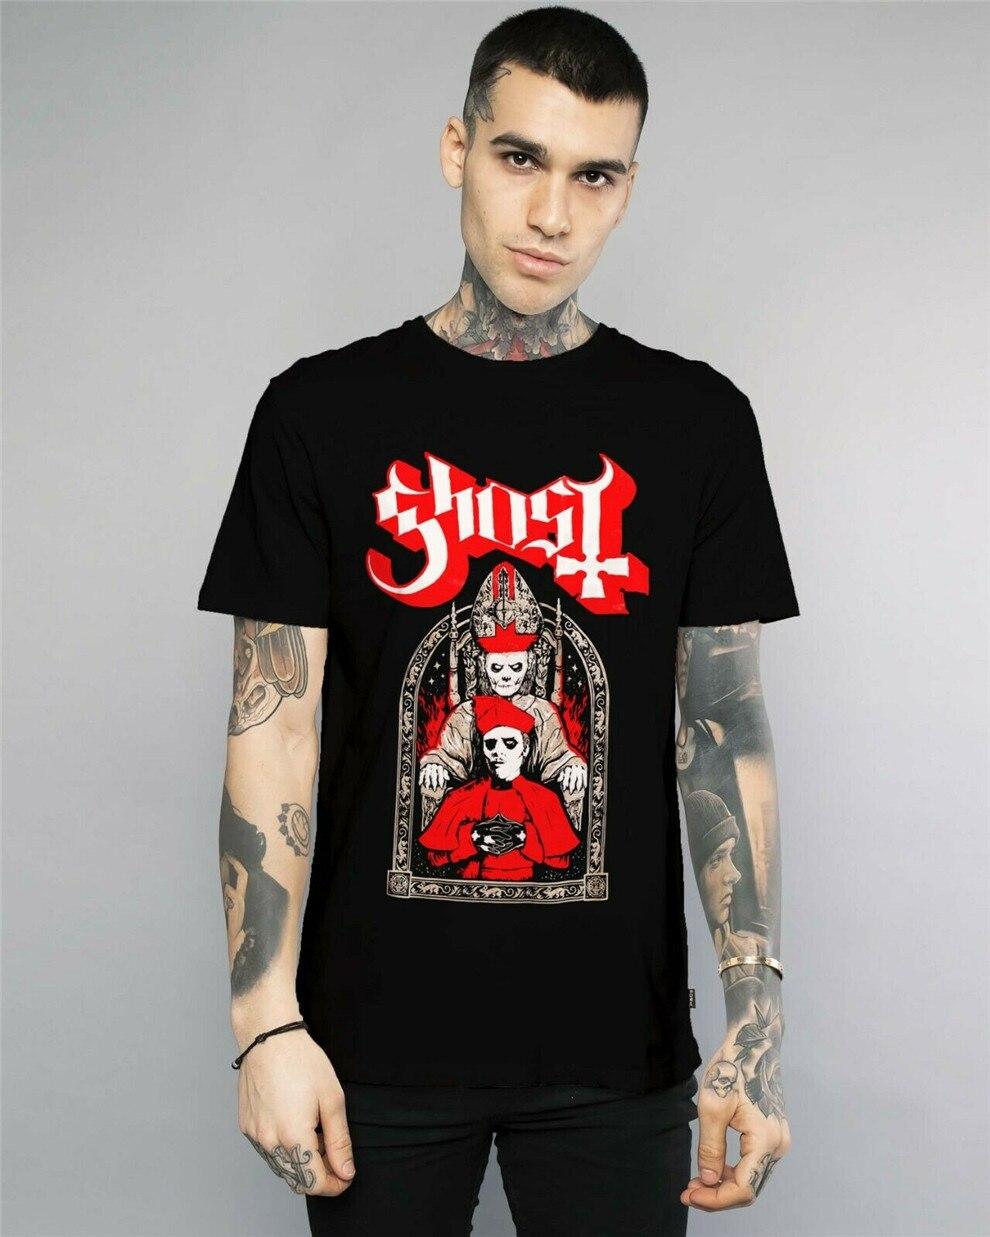 Camiseta Ghost Cardenal Copia & Papa emérito Unisex tamaño S-2Xl de impresión de ropa camiseta